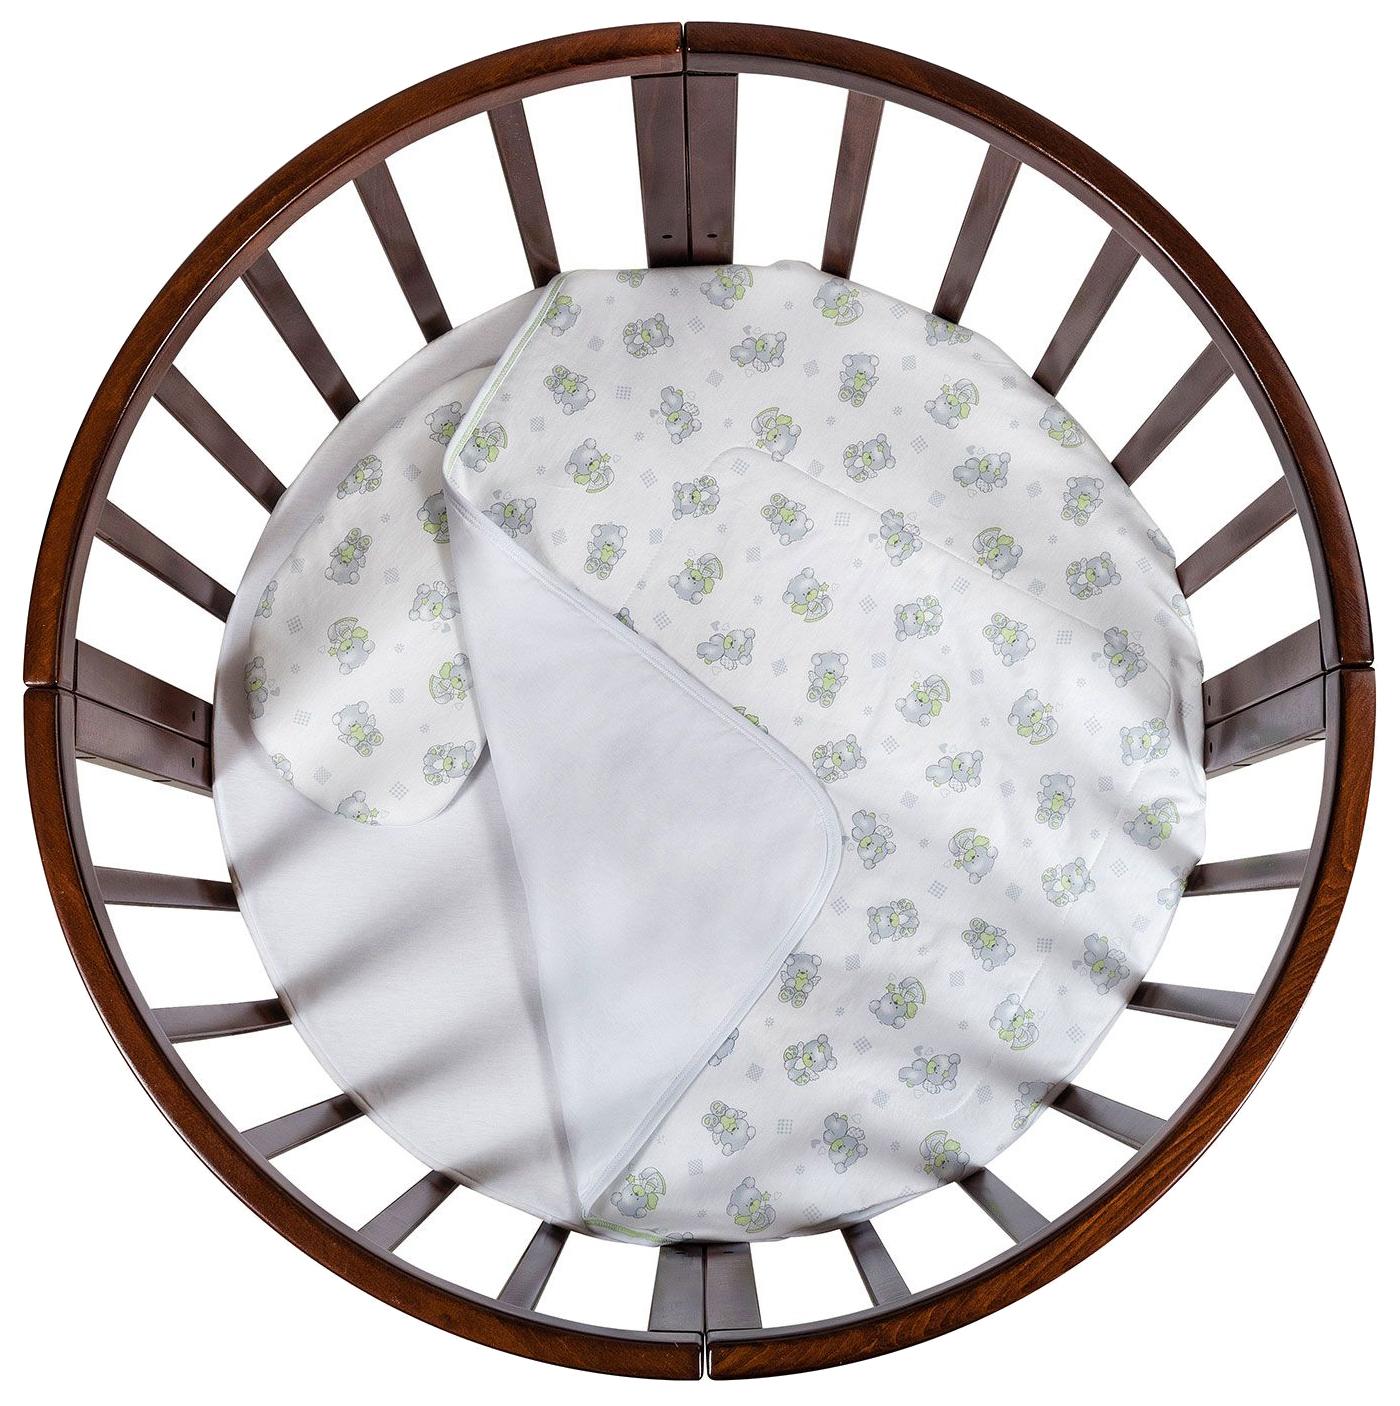 Комплект в люльку Chepe for Nuovita Acchiappasogni Ловец снов 3 предмета, цвет белый